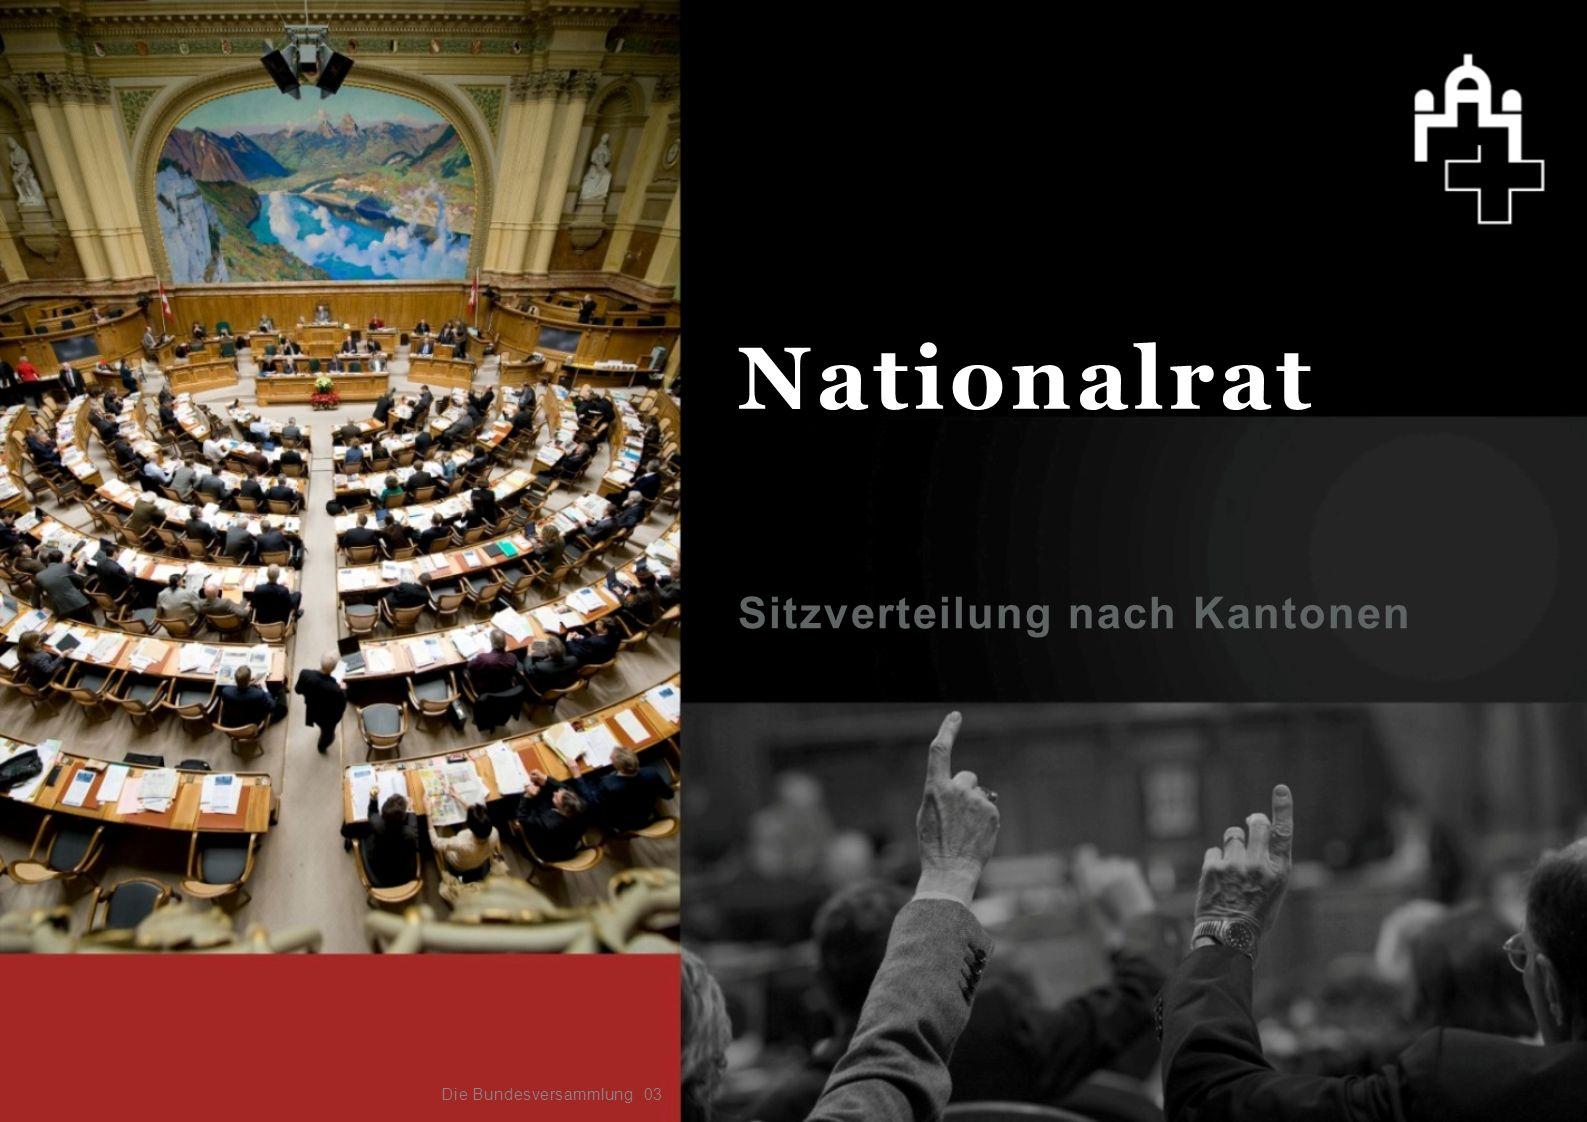 Das parlamentarische Verfahren Die parlamentarischen Vorstösse Parlamentarische Initiative Motion Ein Ratsmitglied, eine Fraktion oder eine parlamentarische Kommission Beide Räte müssen zustimmen Verbindlicher Auftrag an den Bundesrat.